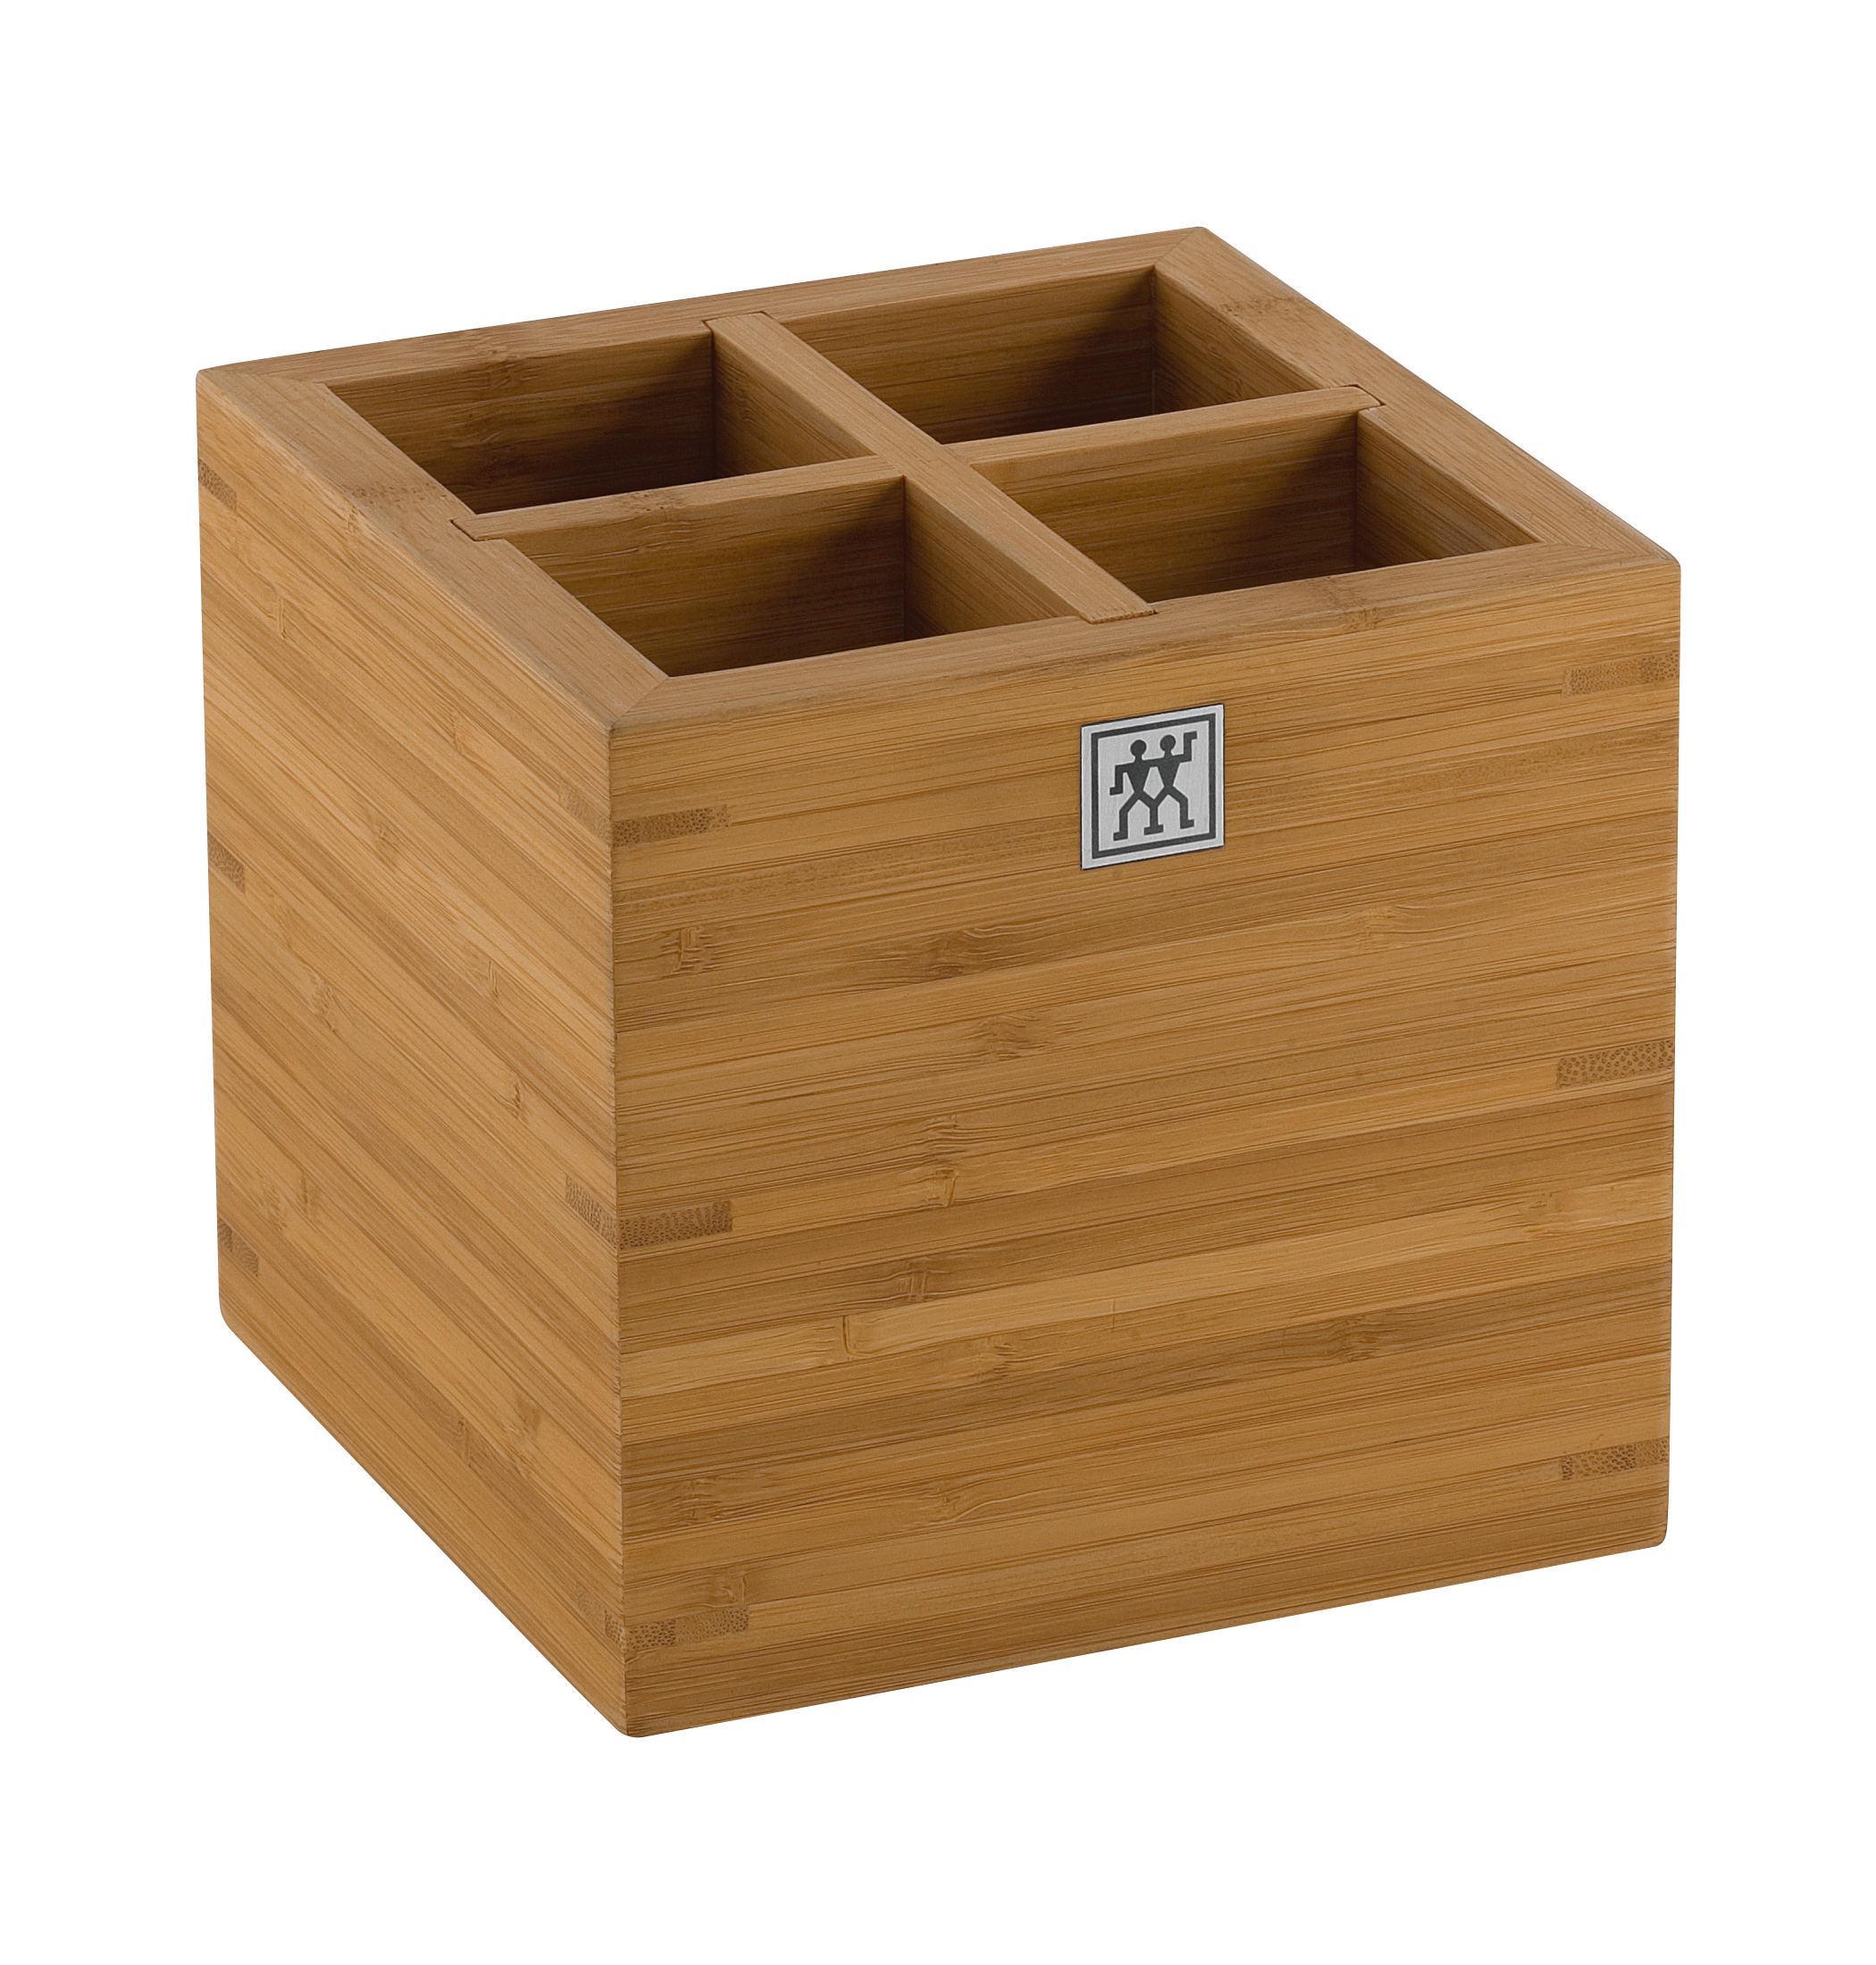 Купить Органайзеры для кухонных принадлежностей, Zwilling Подставка для кухонных принадлежностей большая, бамбук, Zwilling J.A. Henckels, Коричневый, Дерево